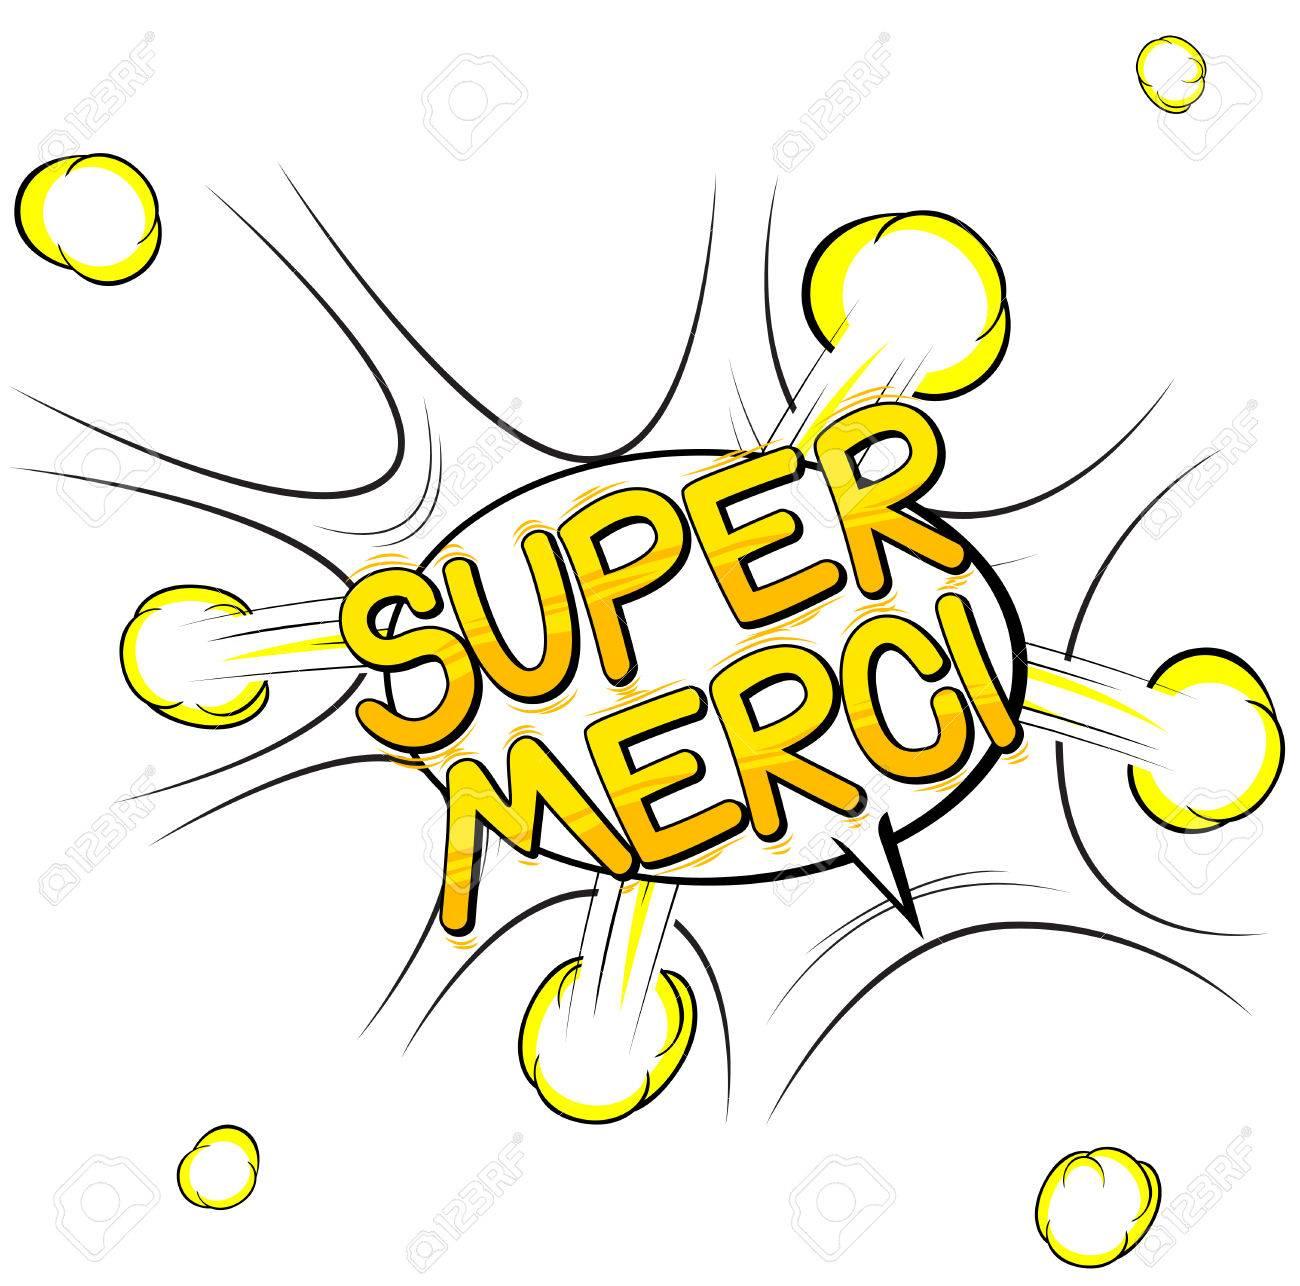 Super Merci - Vielen Dank Auf Französisch - Comic Buch Stil Wort ...